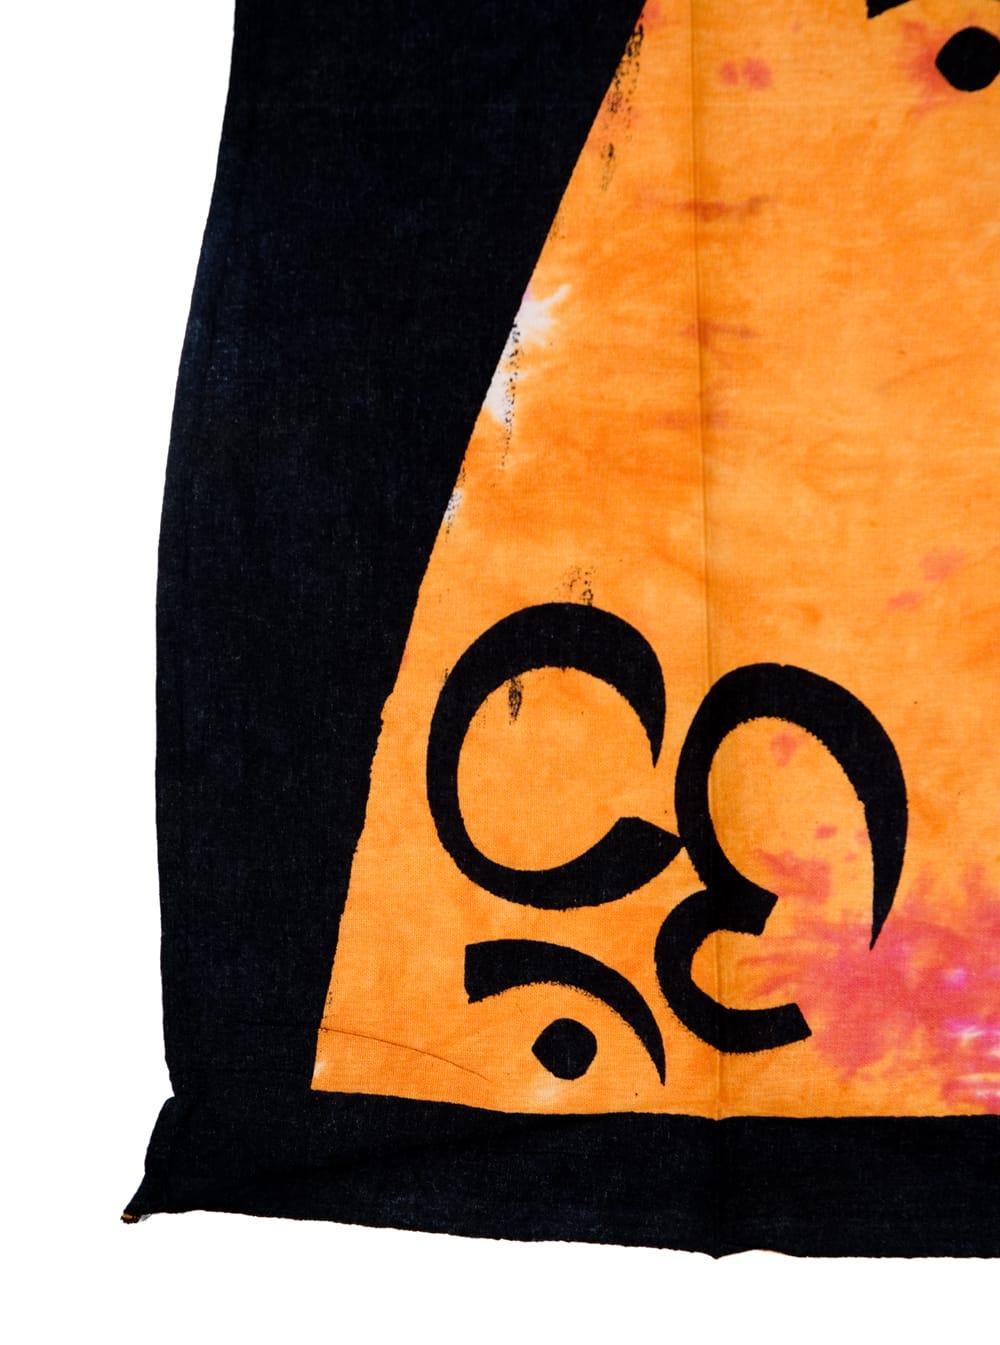 マルチクロス - ホーリーカラーのオーン ガネーシャ【約208cm×約220cm】 3 - 縁部分の写真です